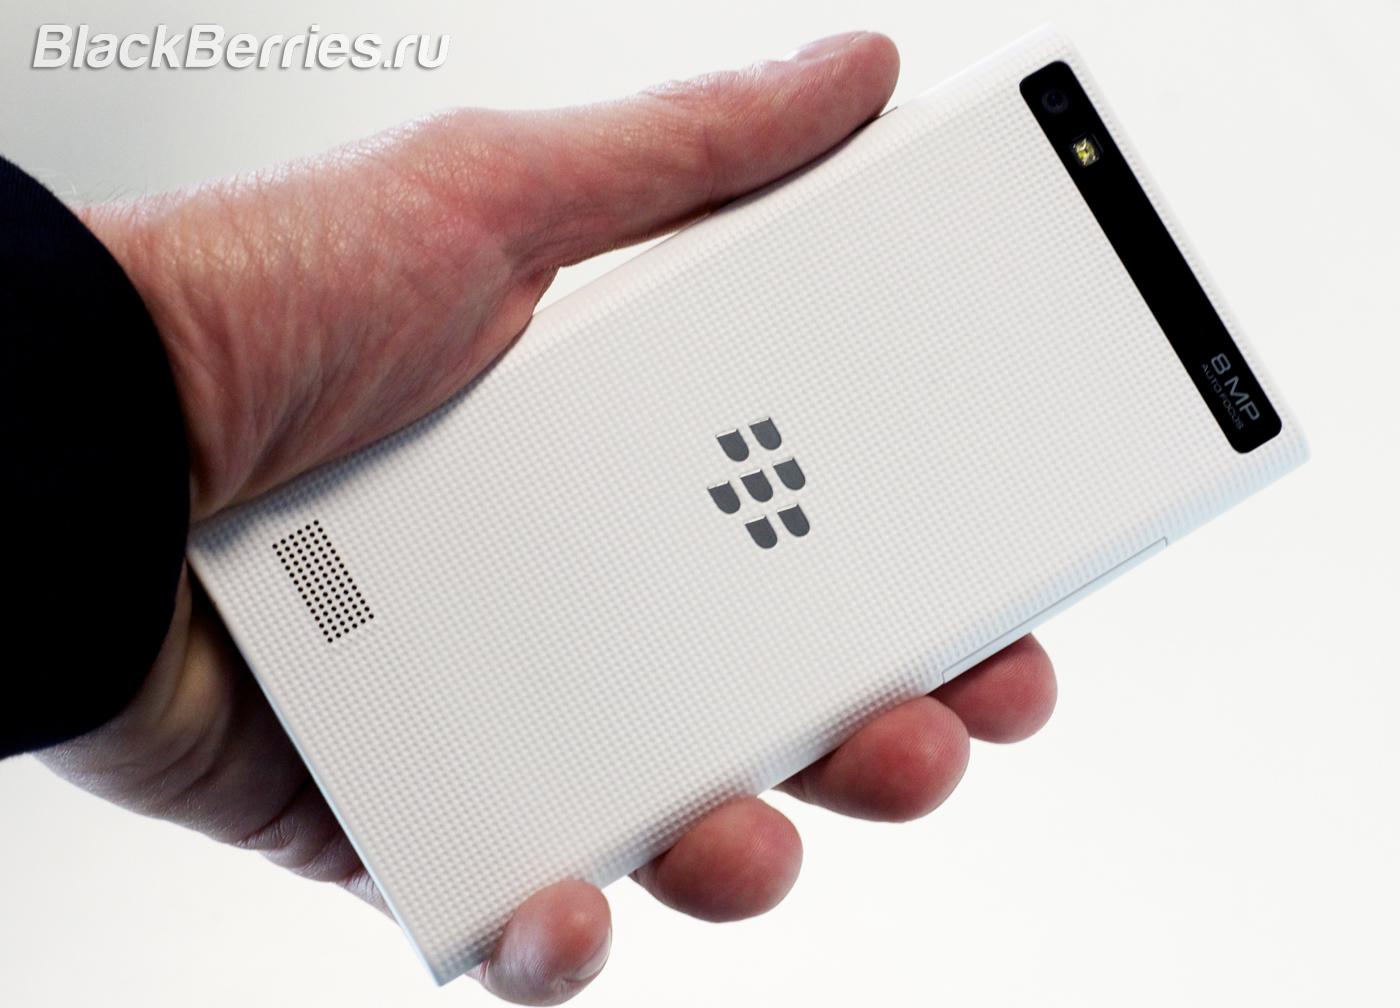 BlackBerry-Leap-09